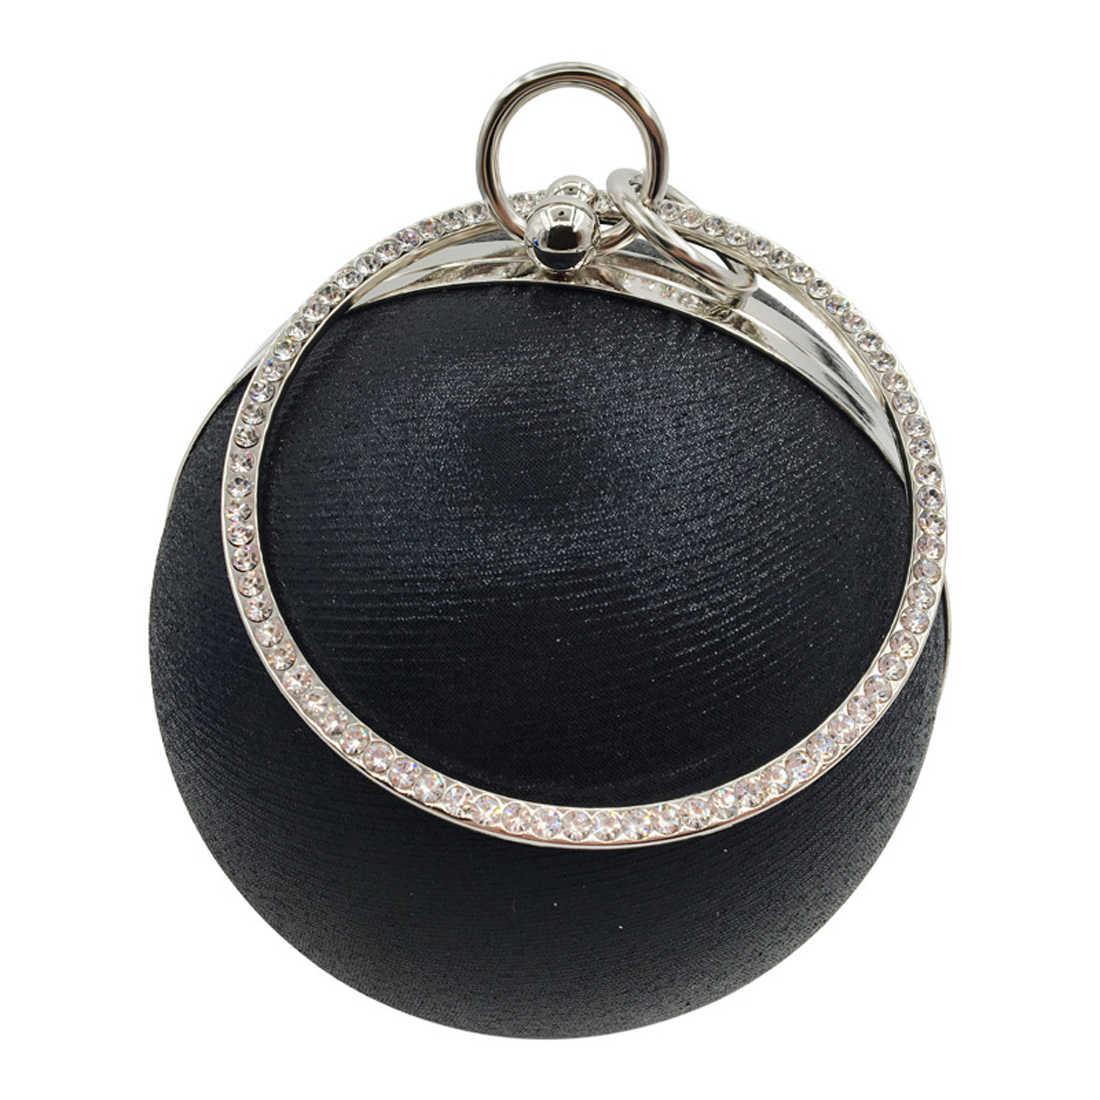 Женская сумка-мессенджер, вечерняя, через плечо